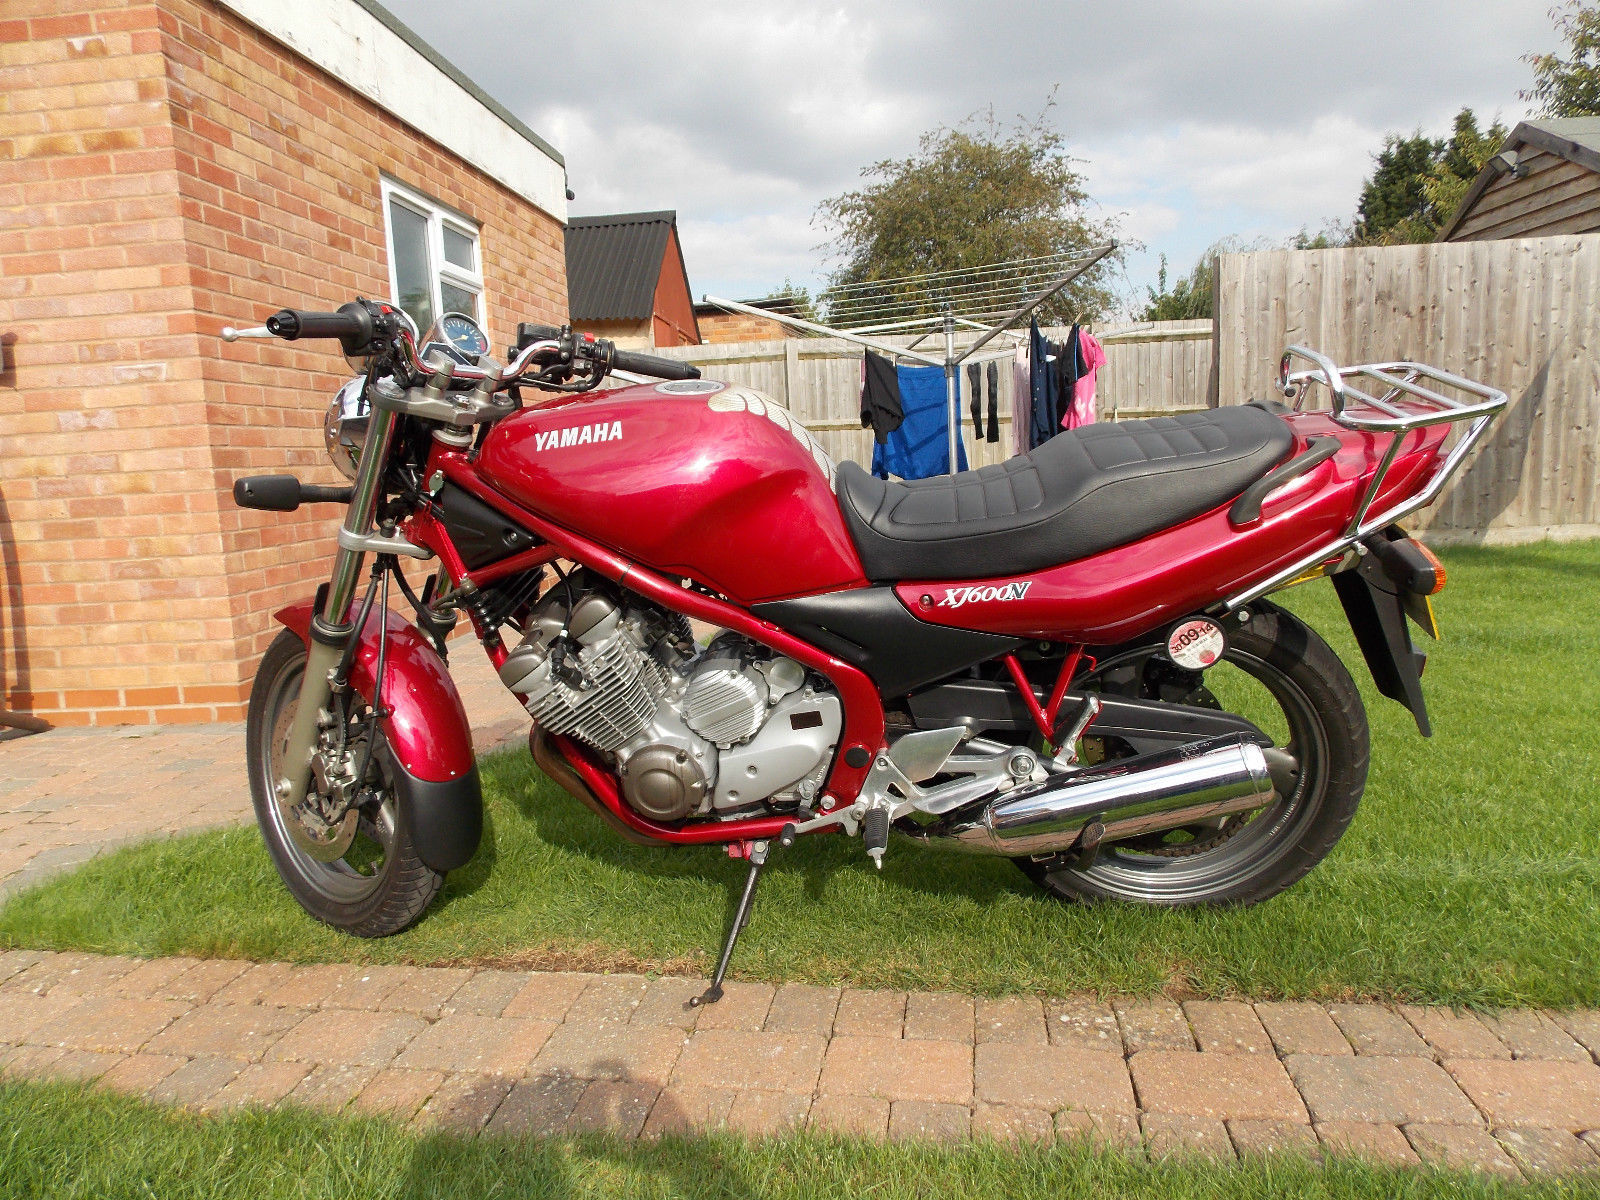 Yamaha xj600n | Yamaha, Motorcycle, Bike